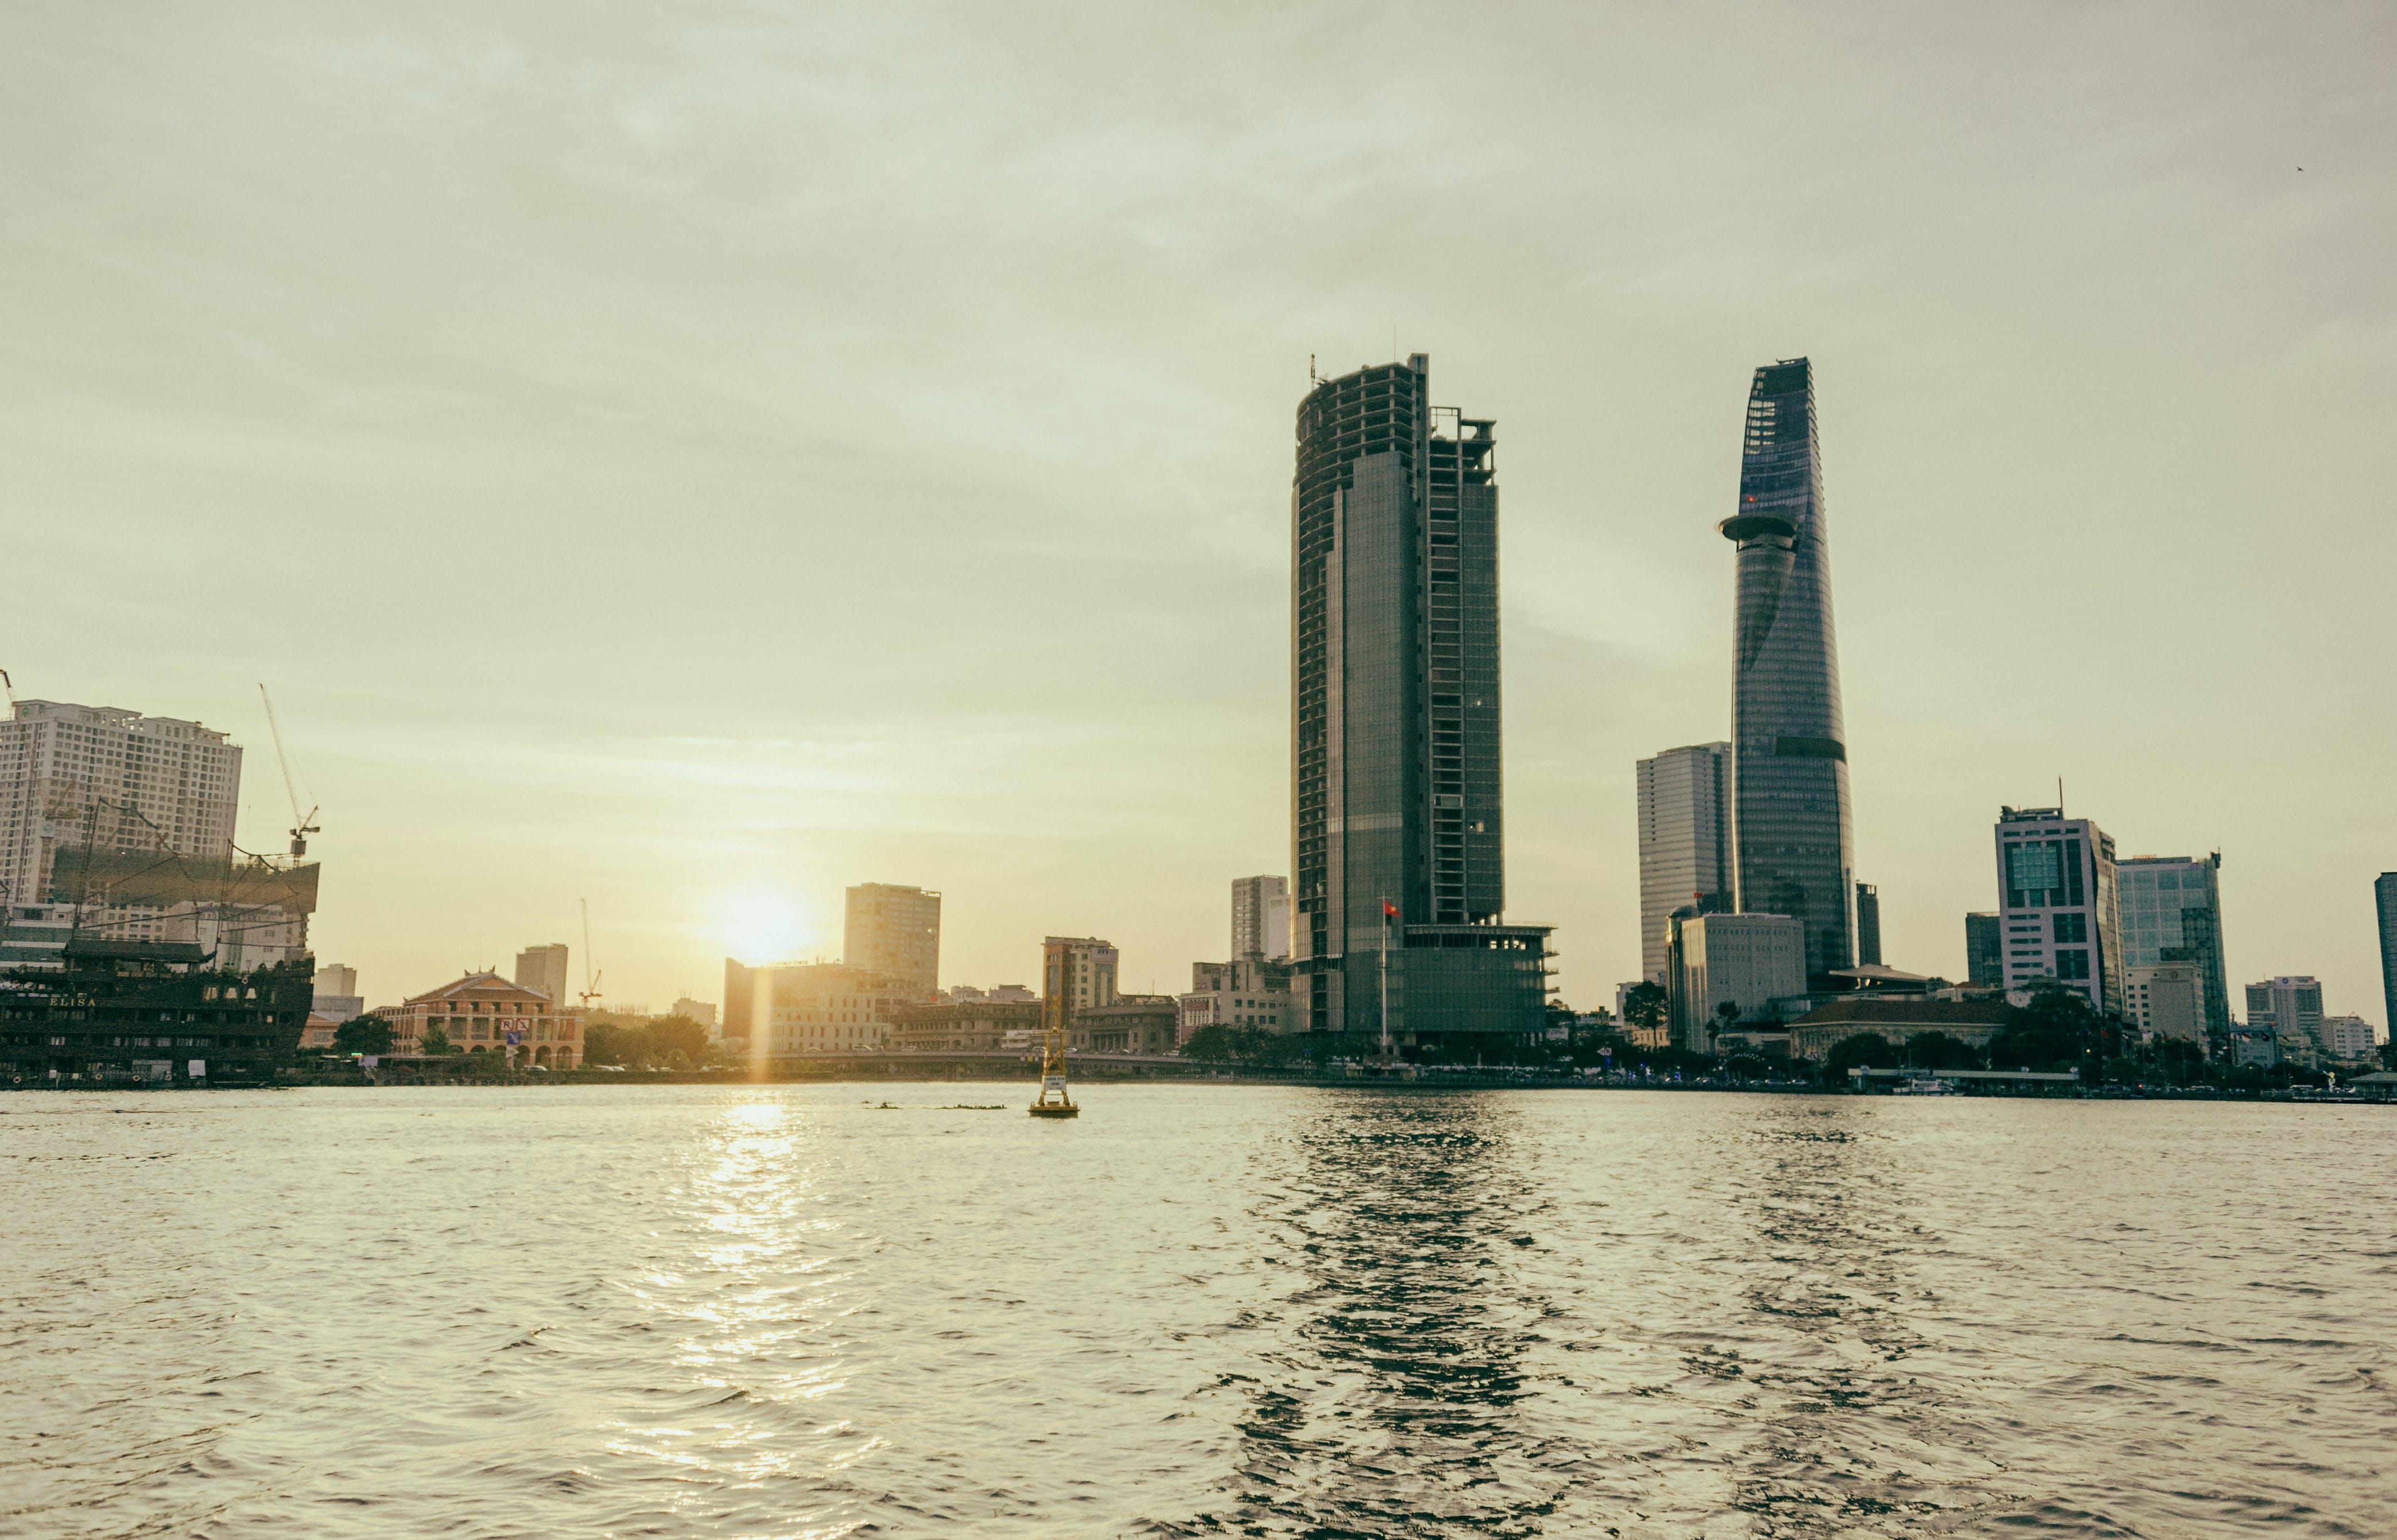 binalar, bürolar, deniz kenarı, gökdelenler içeren Ücretsiz stok fotoğraf